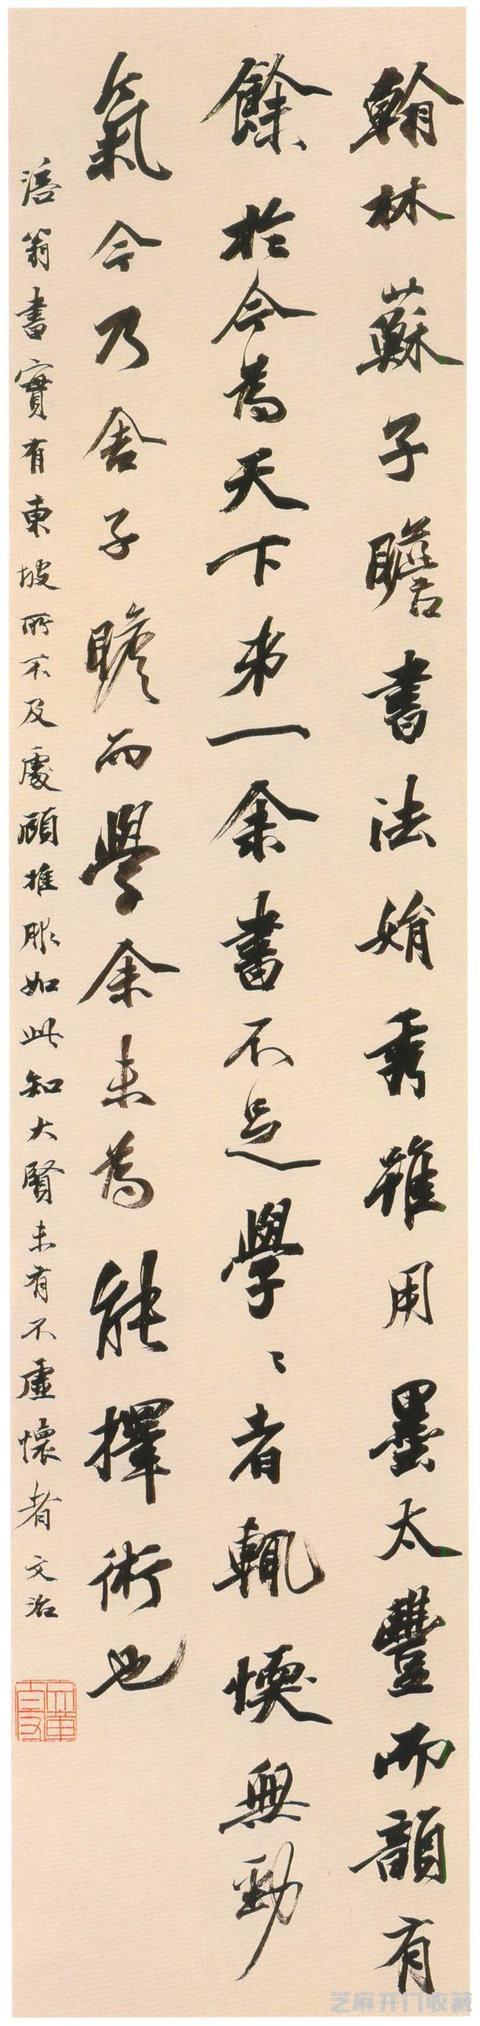 清代王文治书法欣赏图片